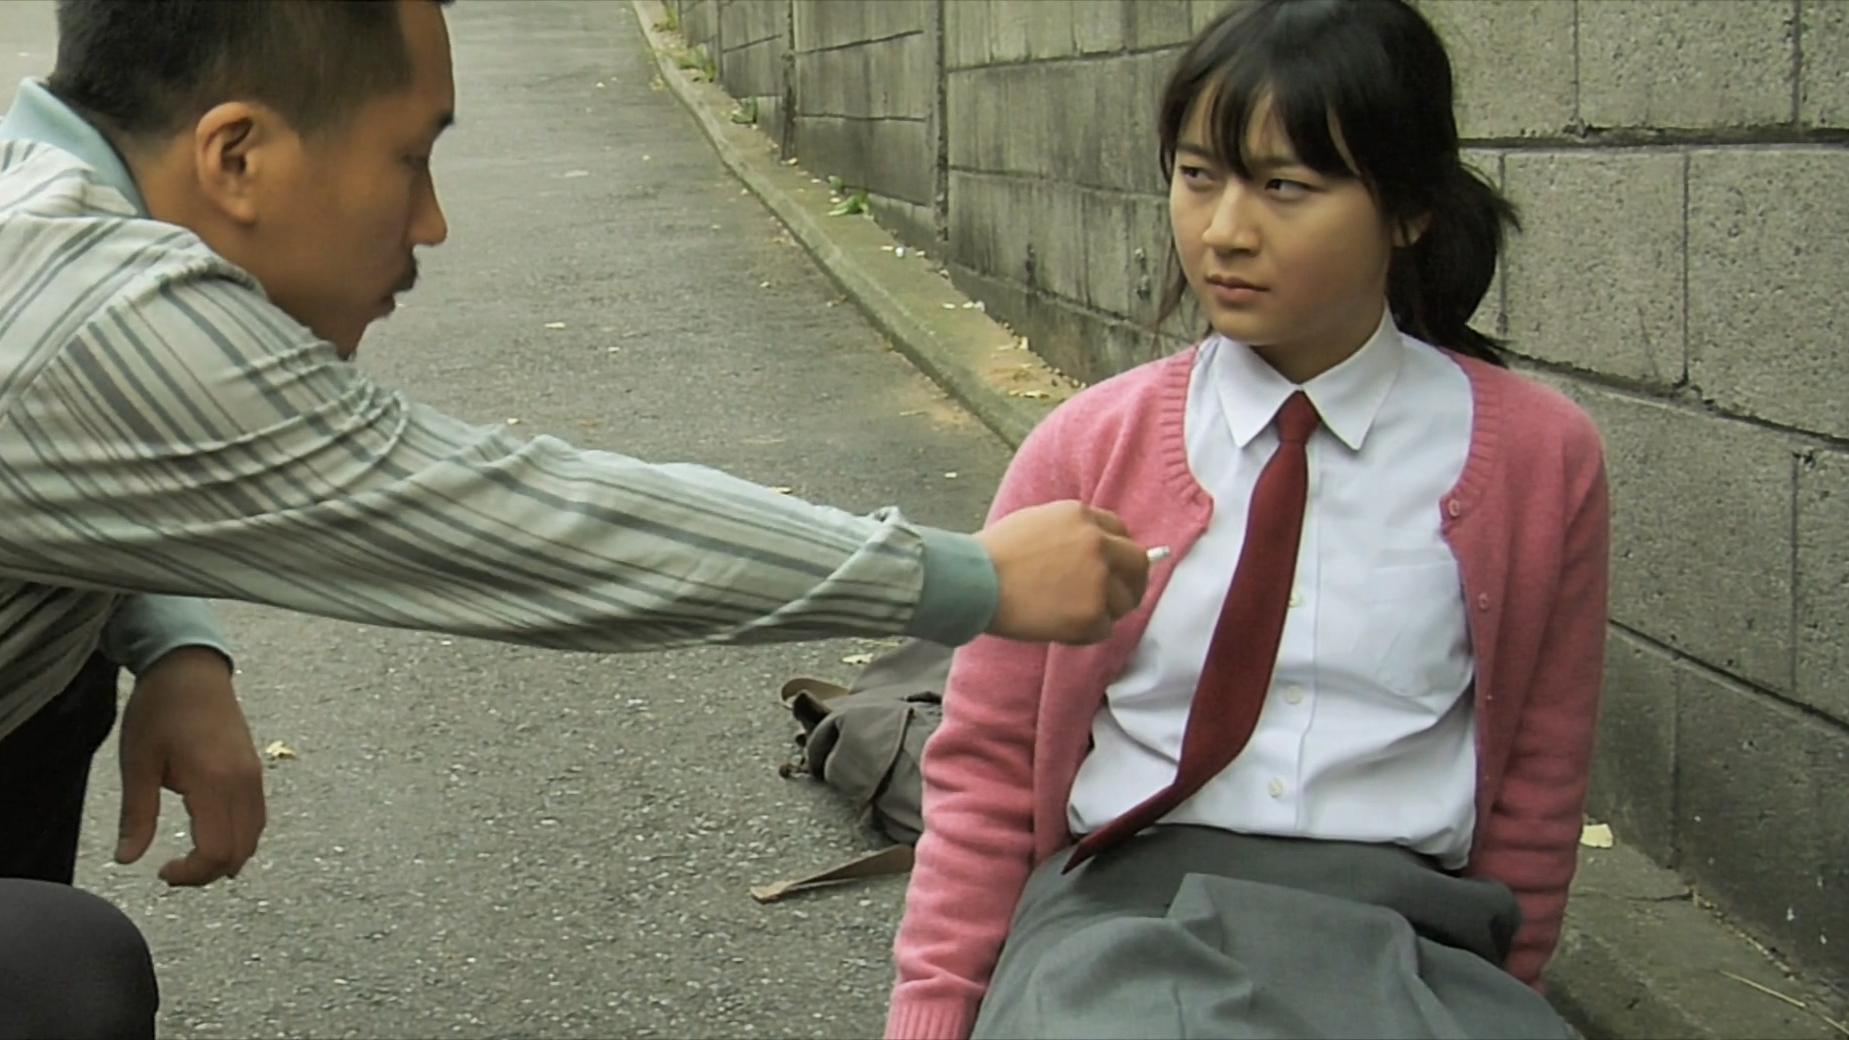 高中女生教混混重新做人,韩国剧情片《绿头苍蝇》,看完手直痒痒